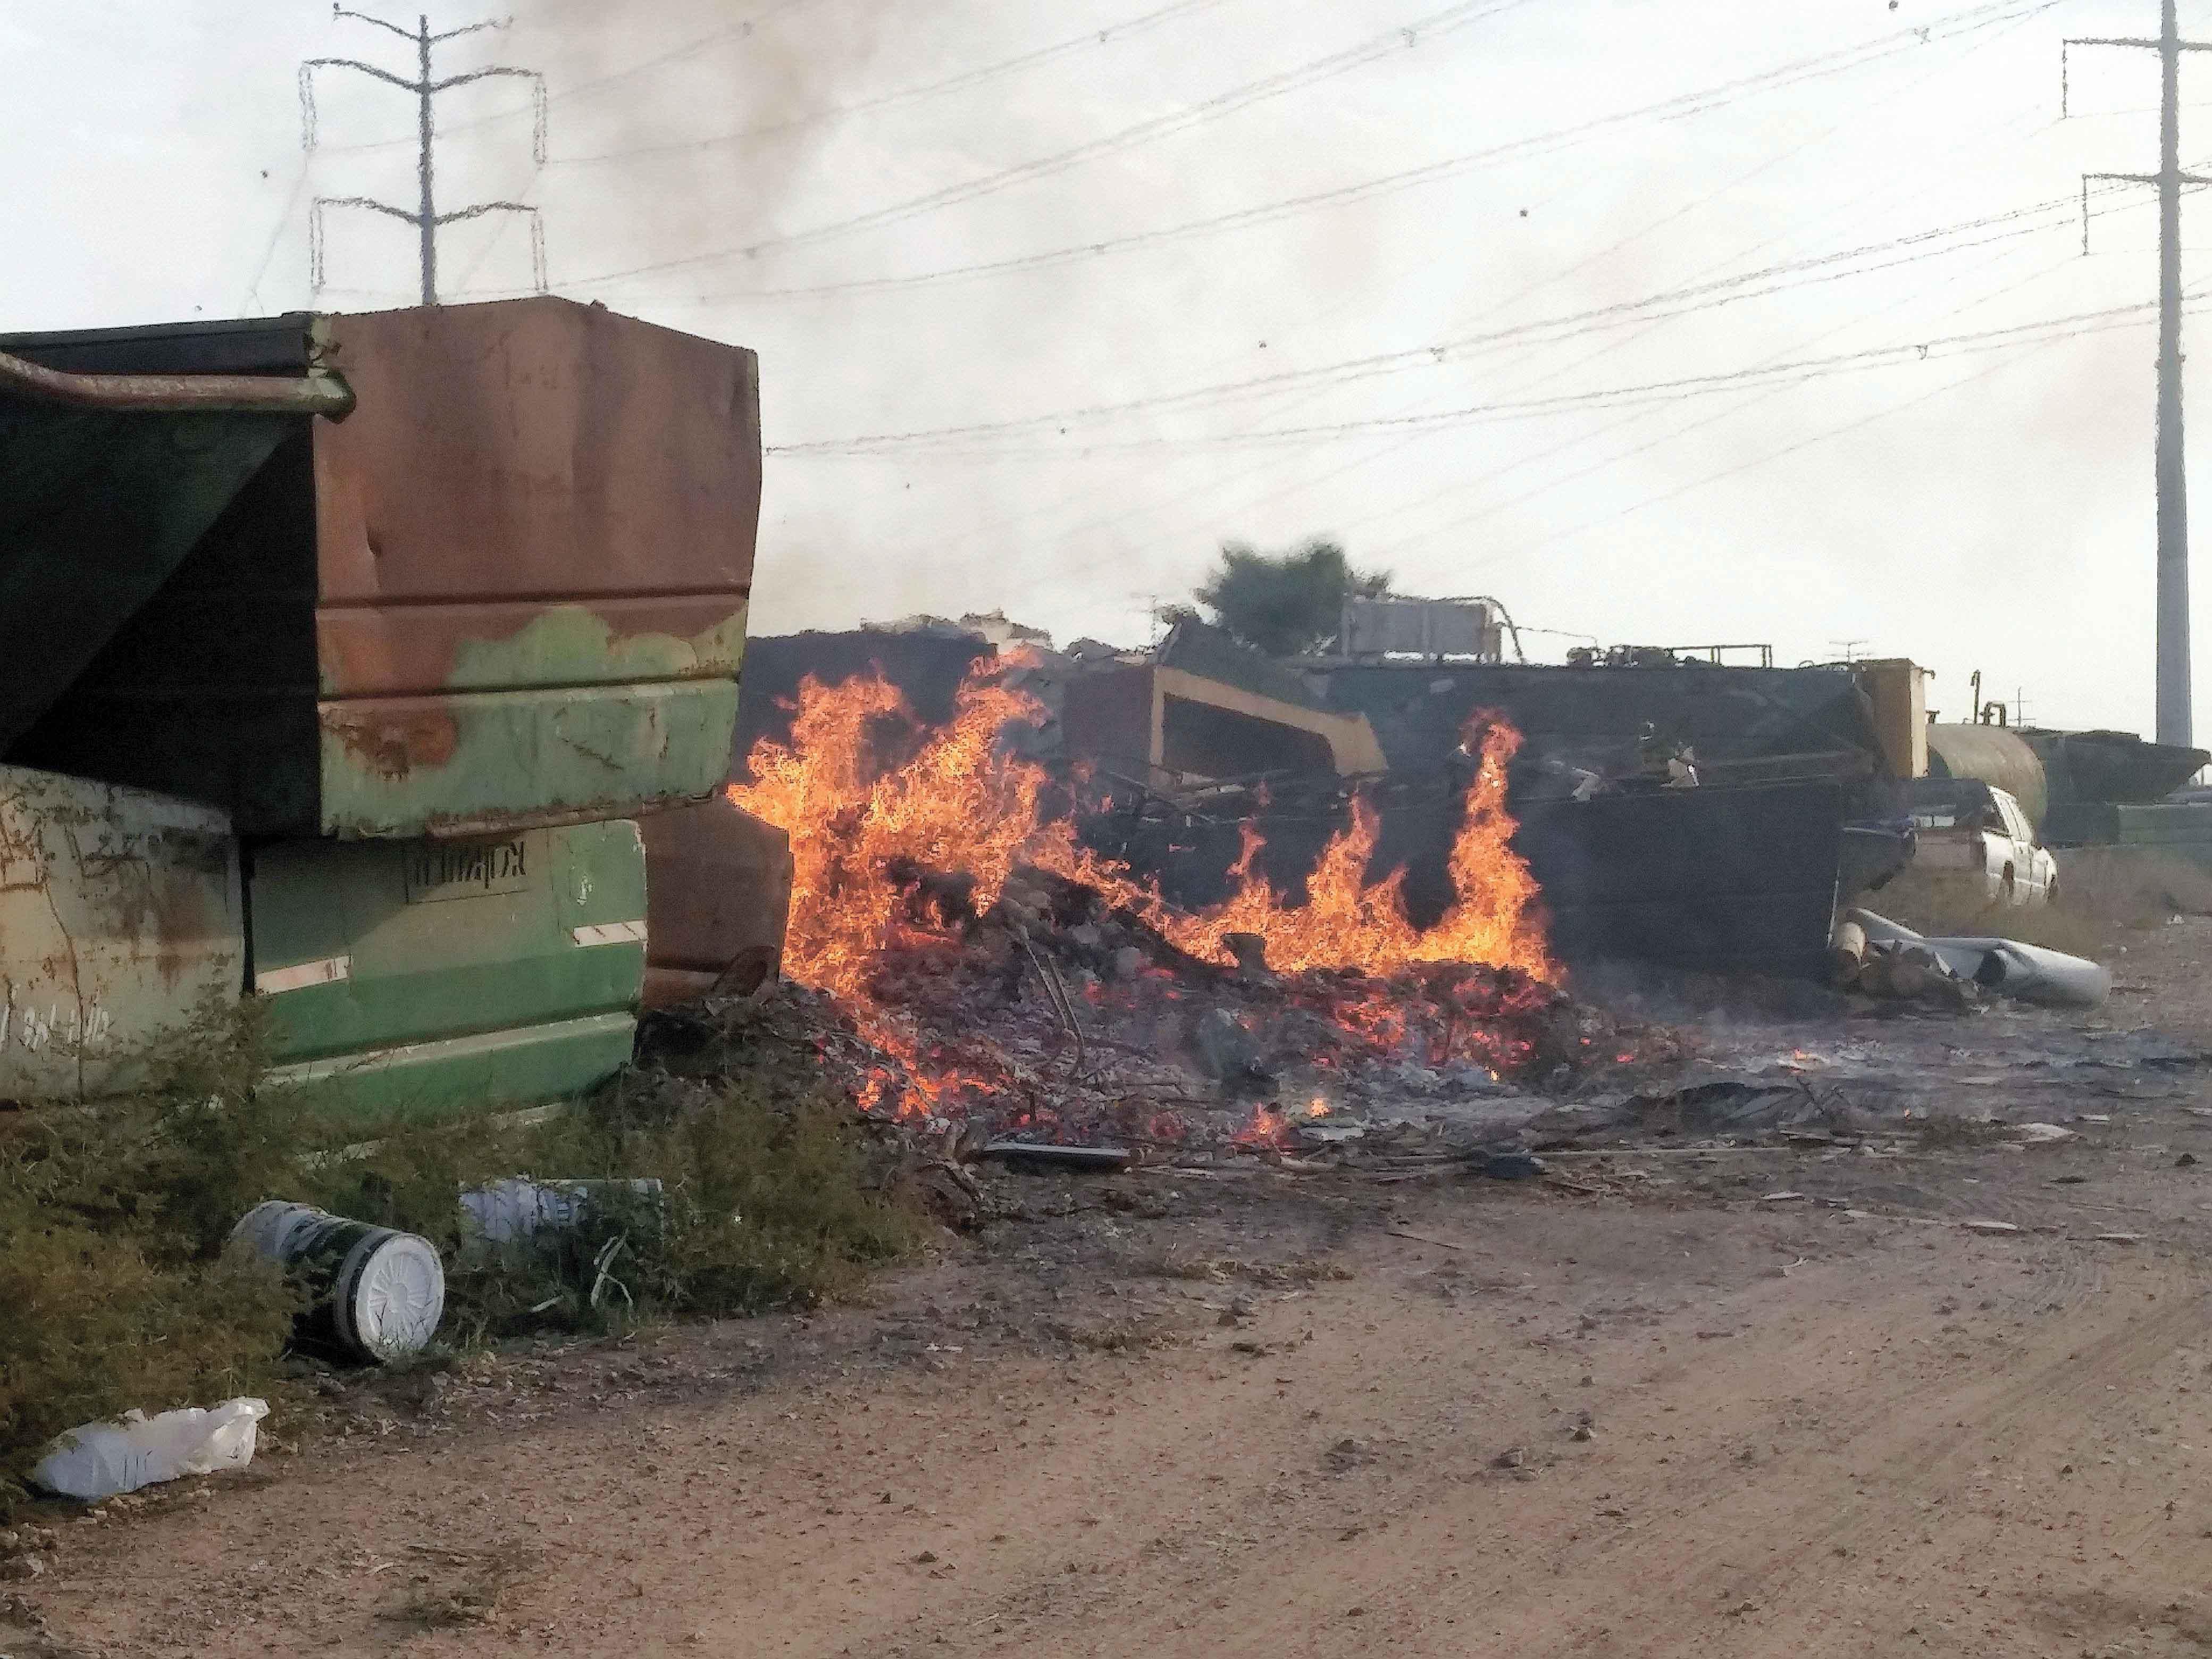 שריפת פסולת בשכונת אבו סנינא בכפר סבא. צילום אזרחים למען אוויר נקי